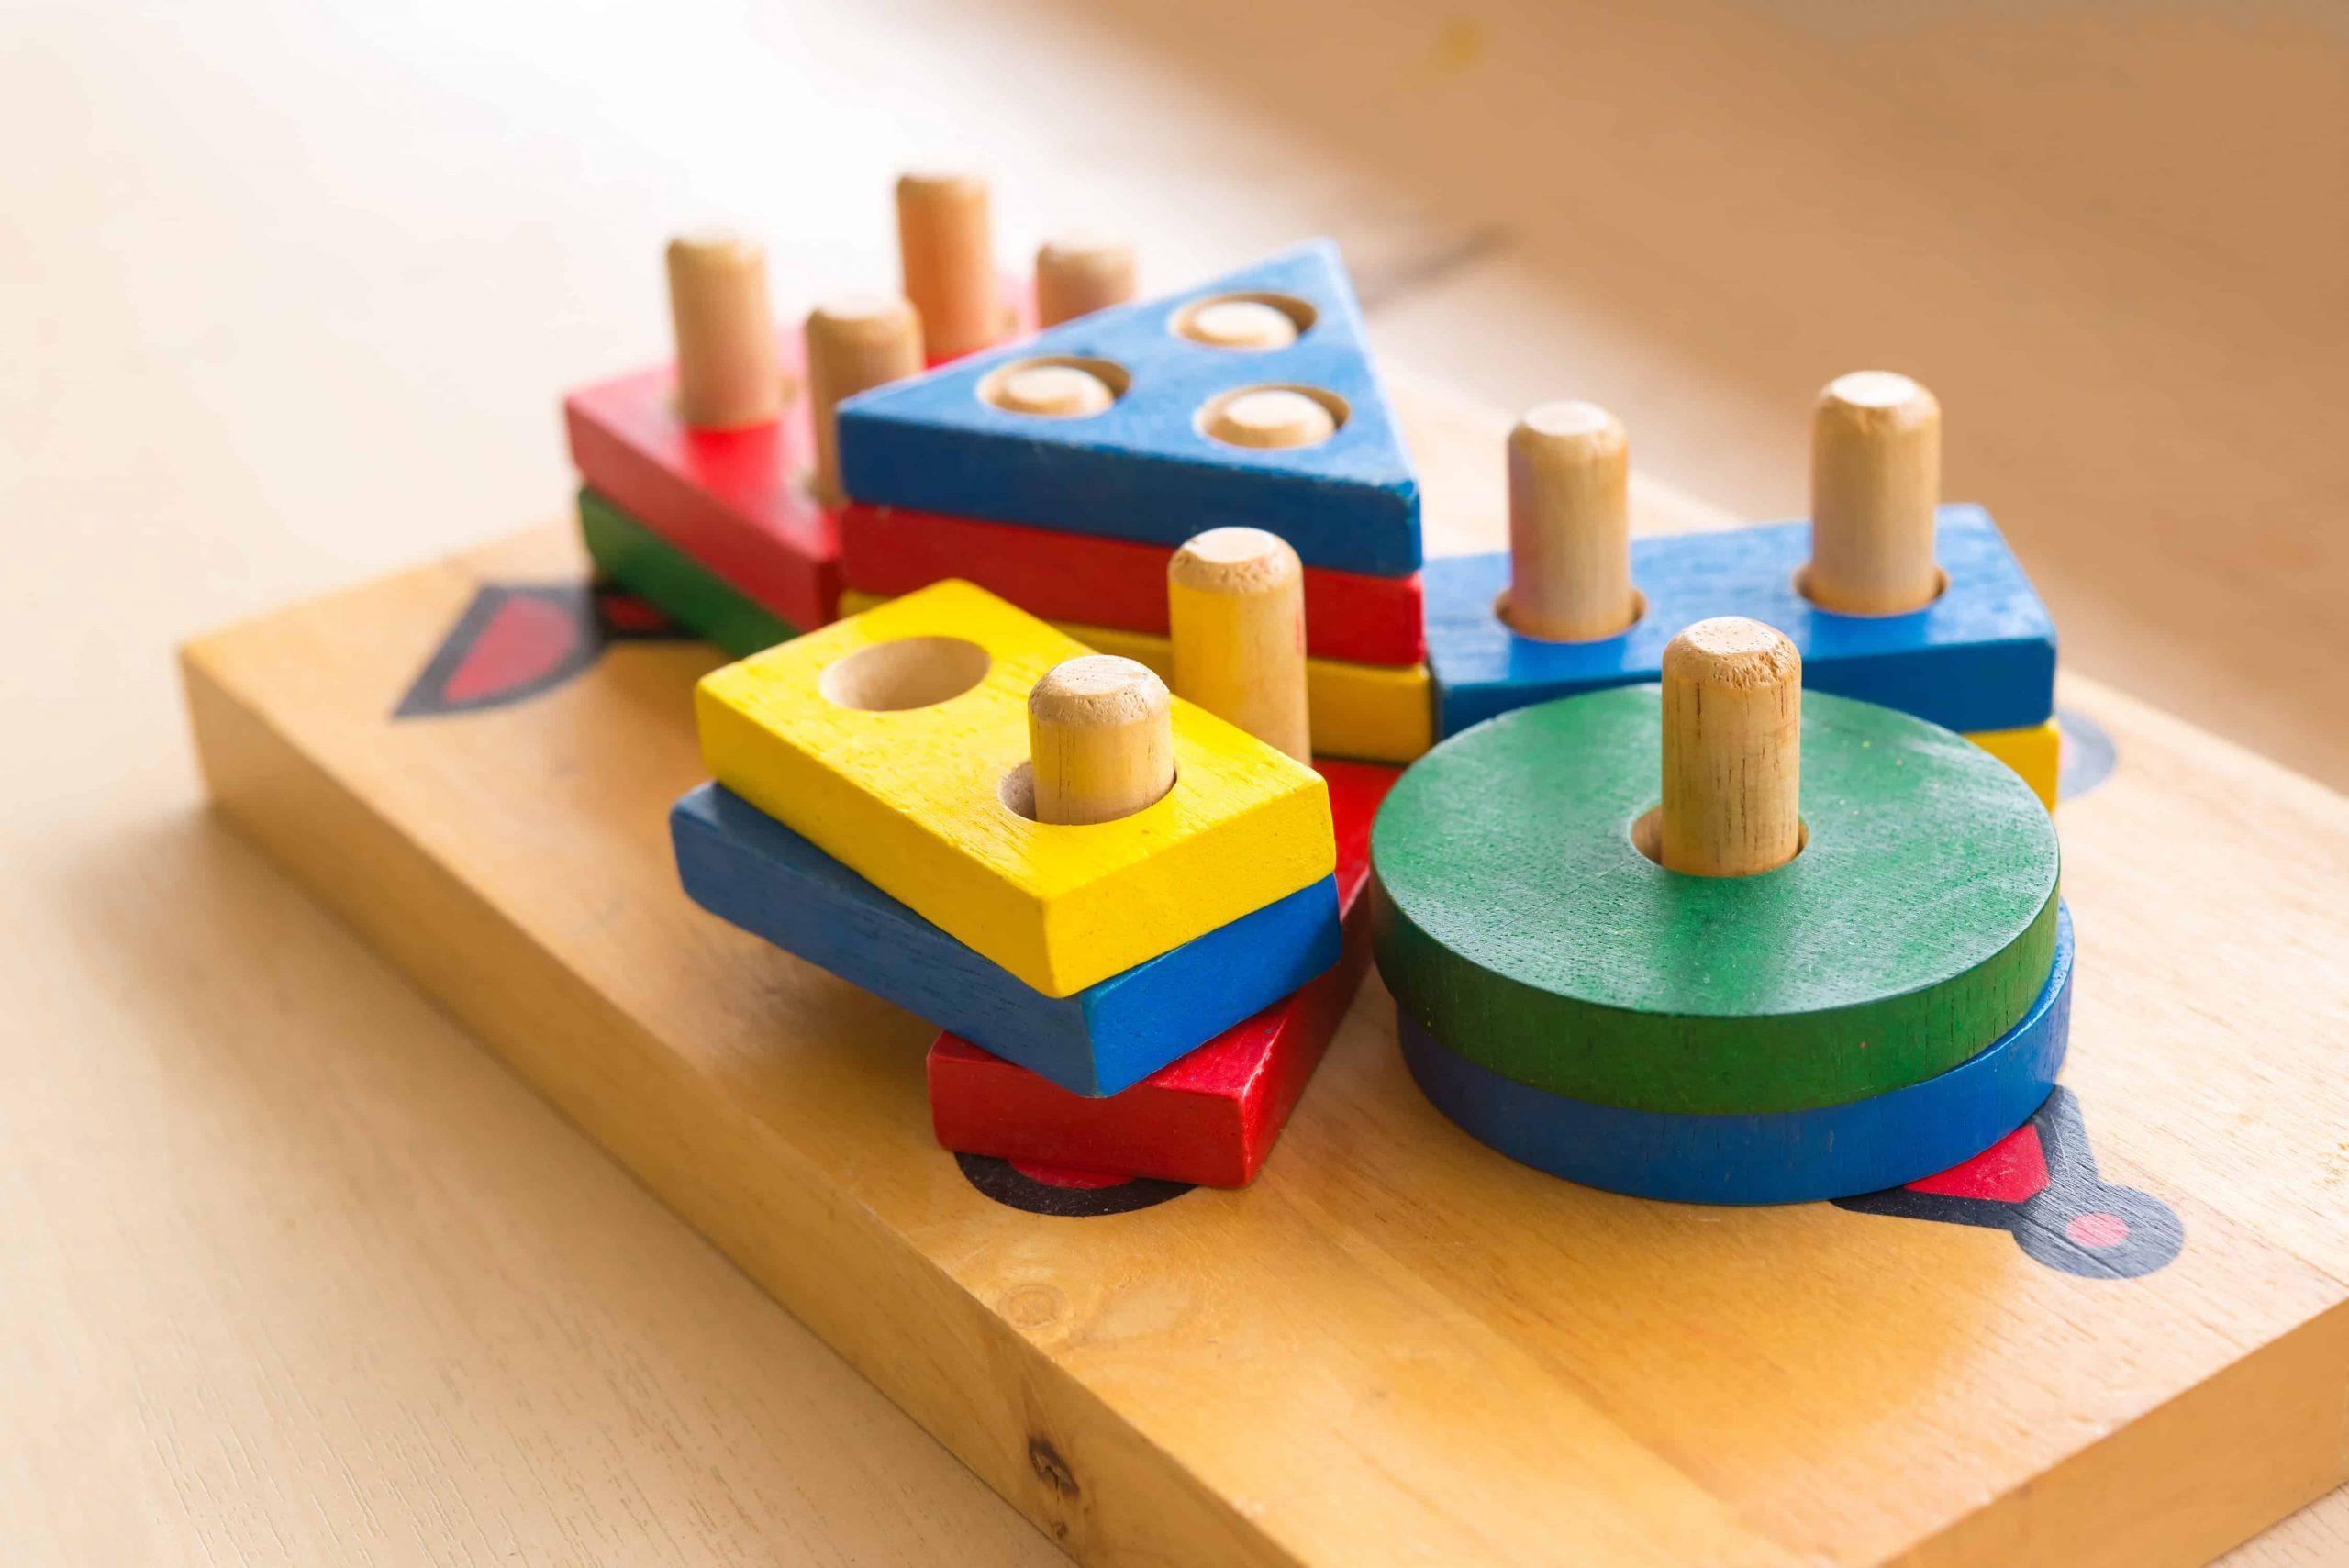 Holzspielzeug: Test & Empfehlungen (10/20)